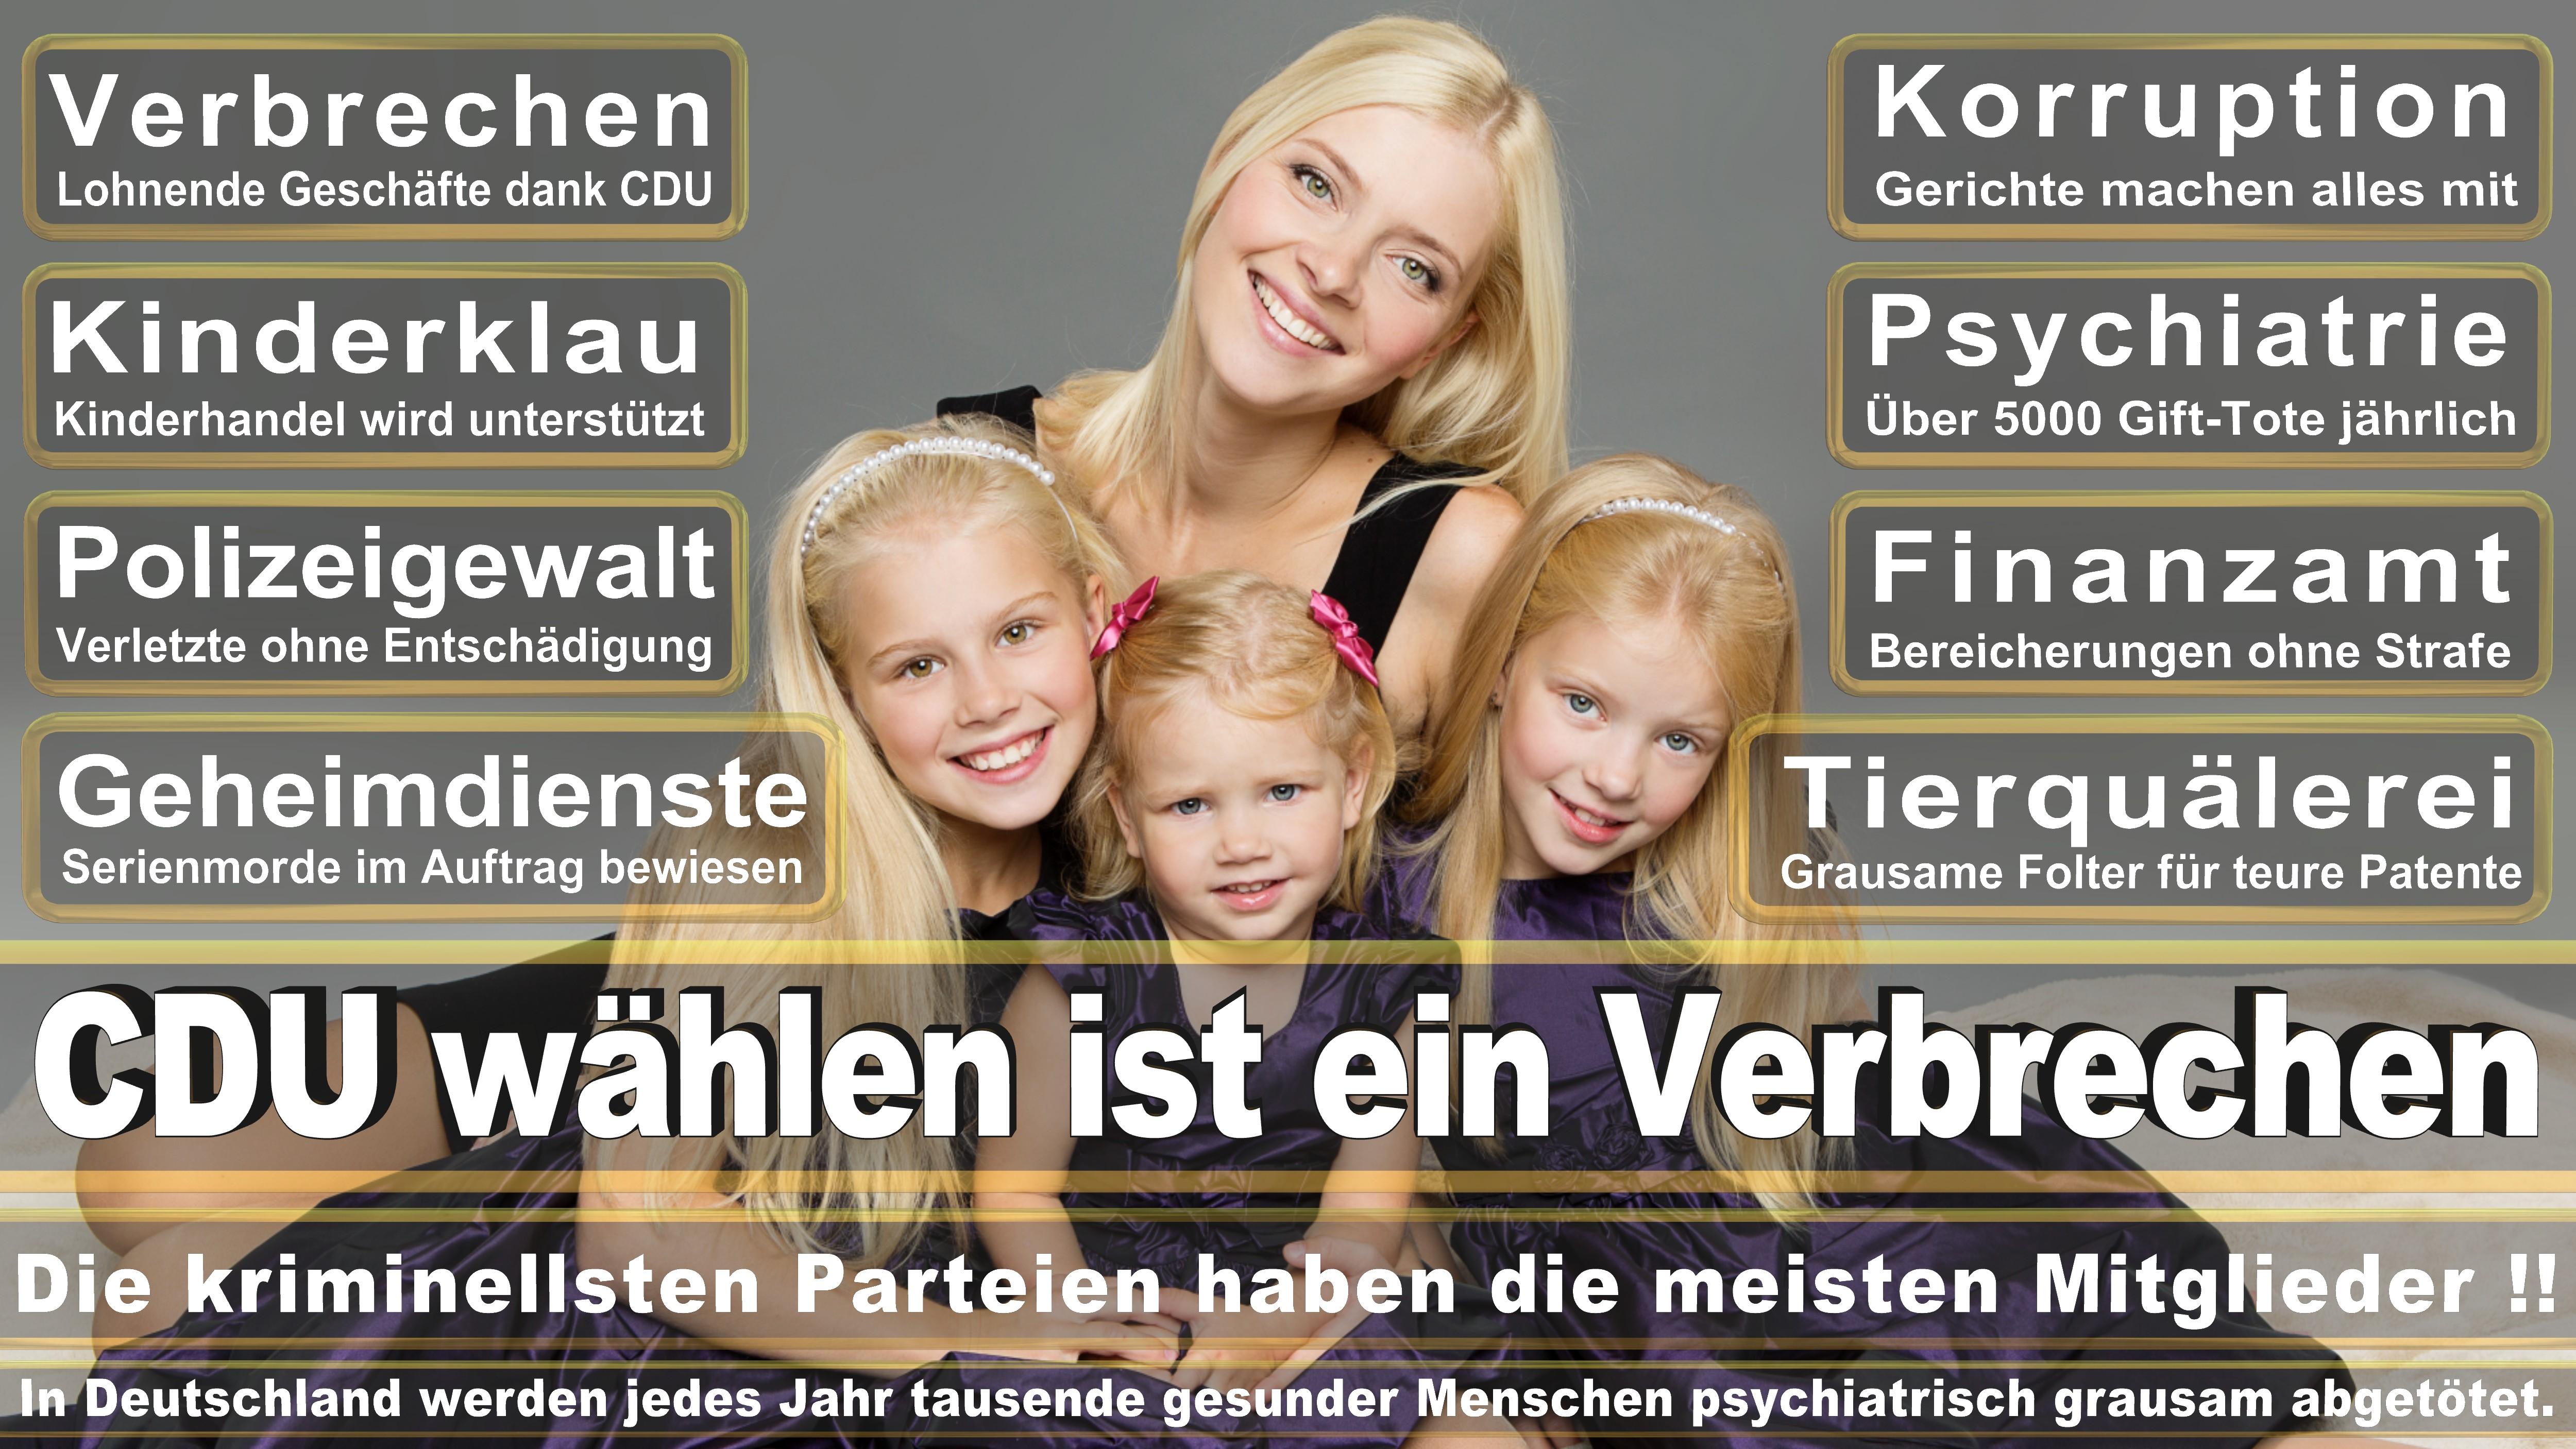 Heidrun Bluhm DIE LINKE Mecklenburg Vorpommern Politiker Deutschland